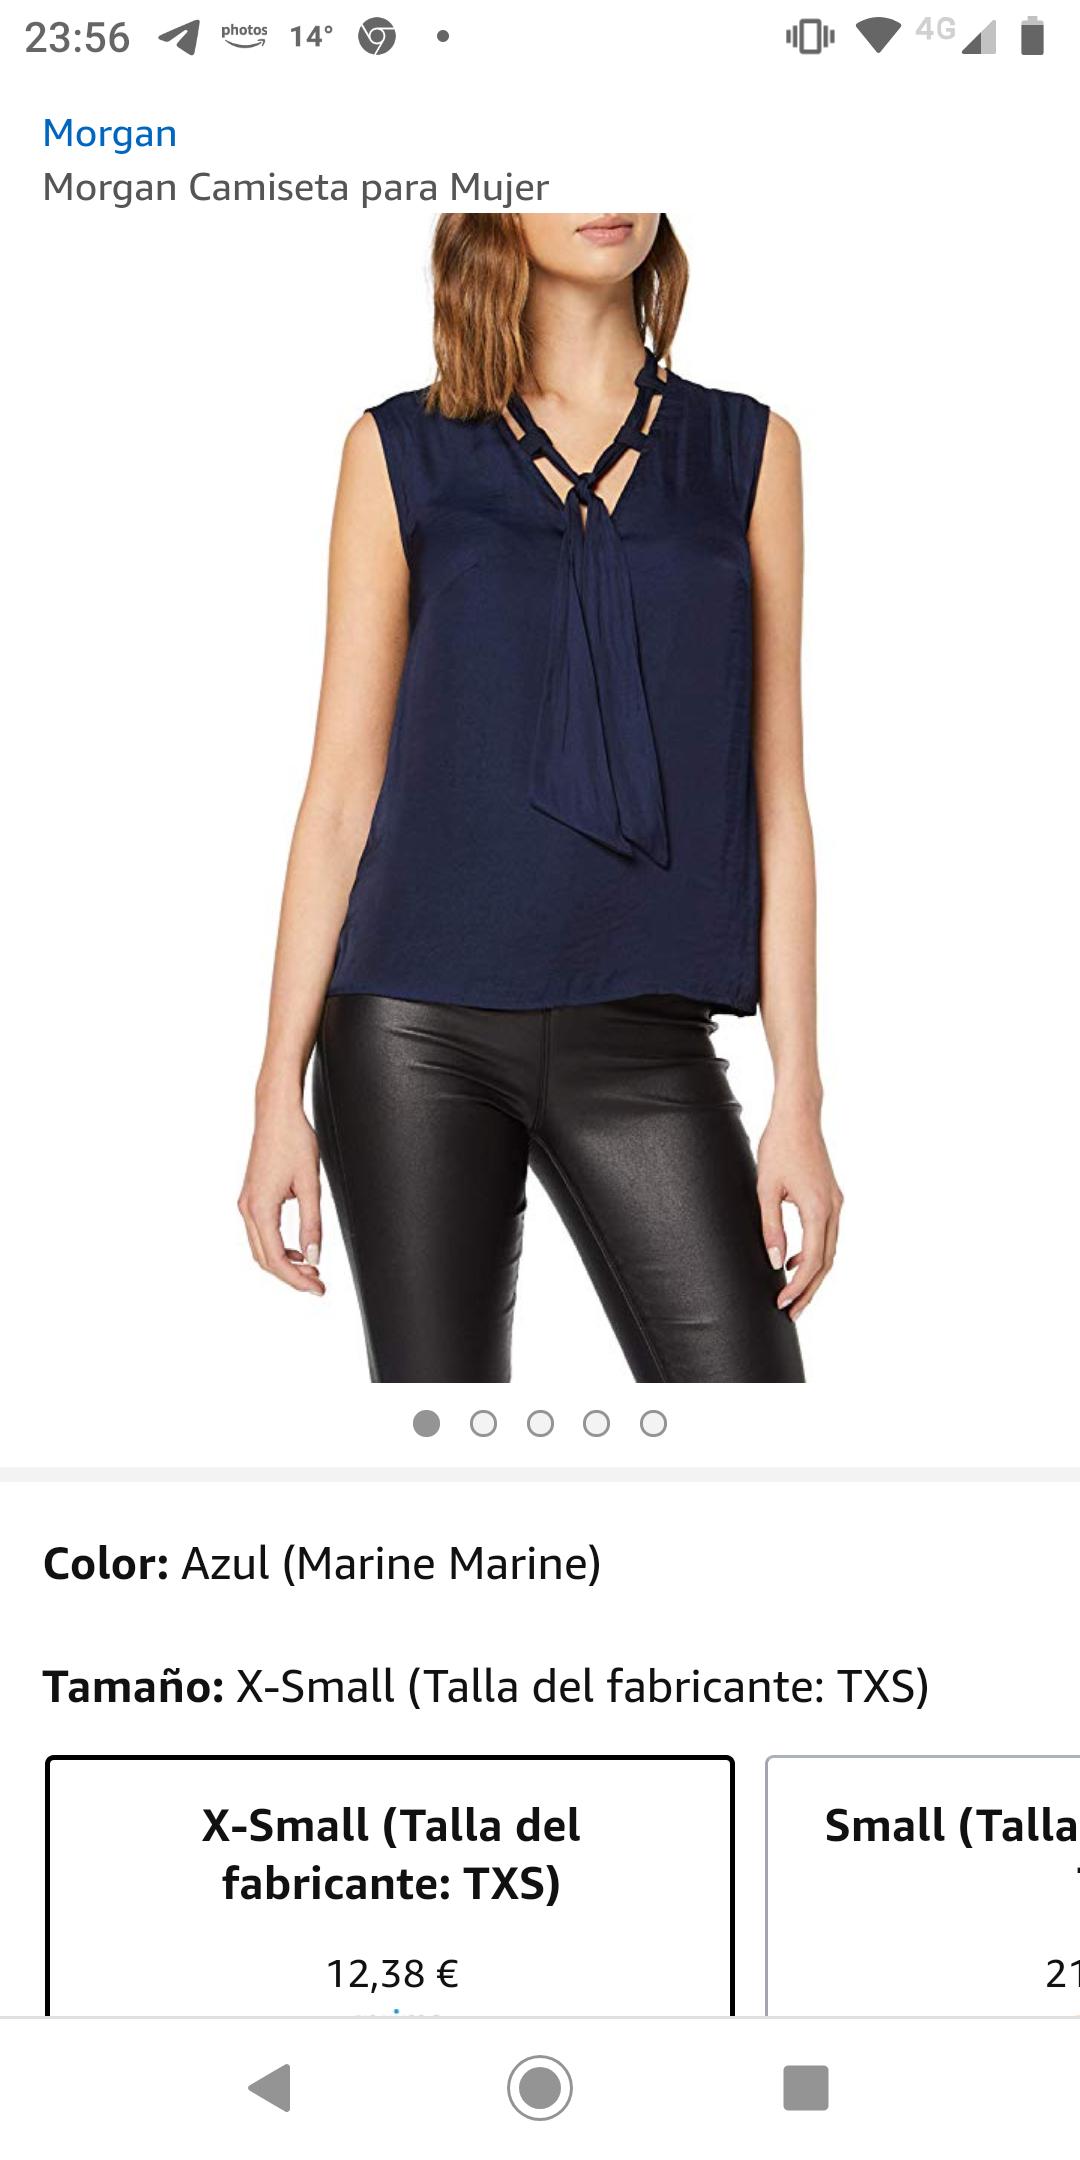 Morgan, camiseta para mujer talla XS